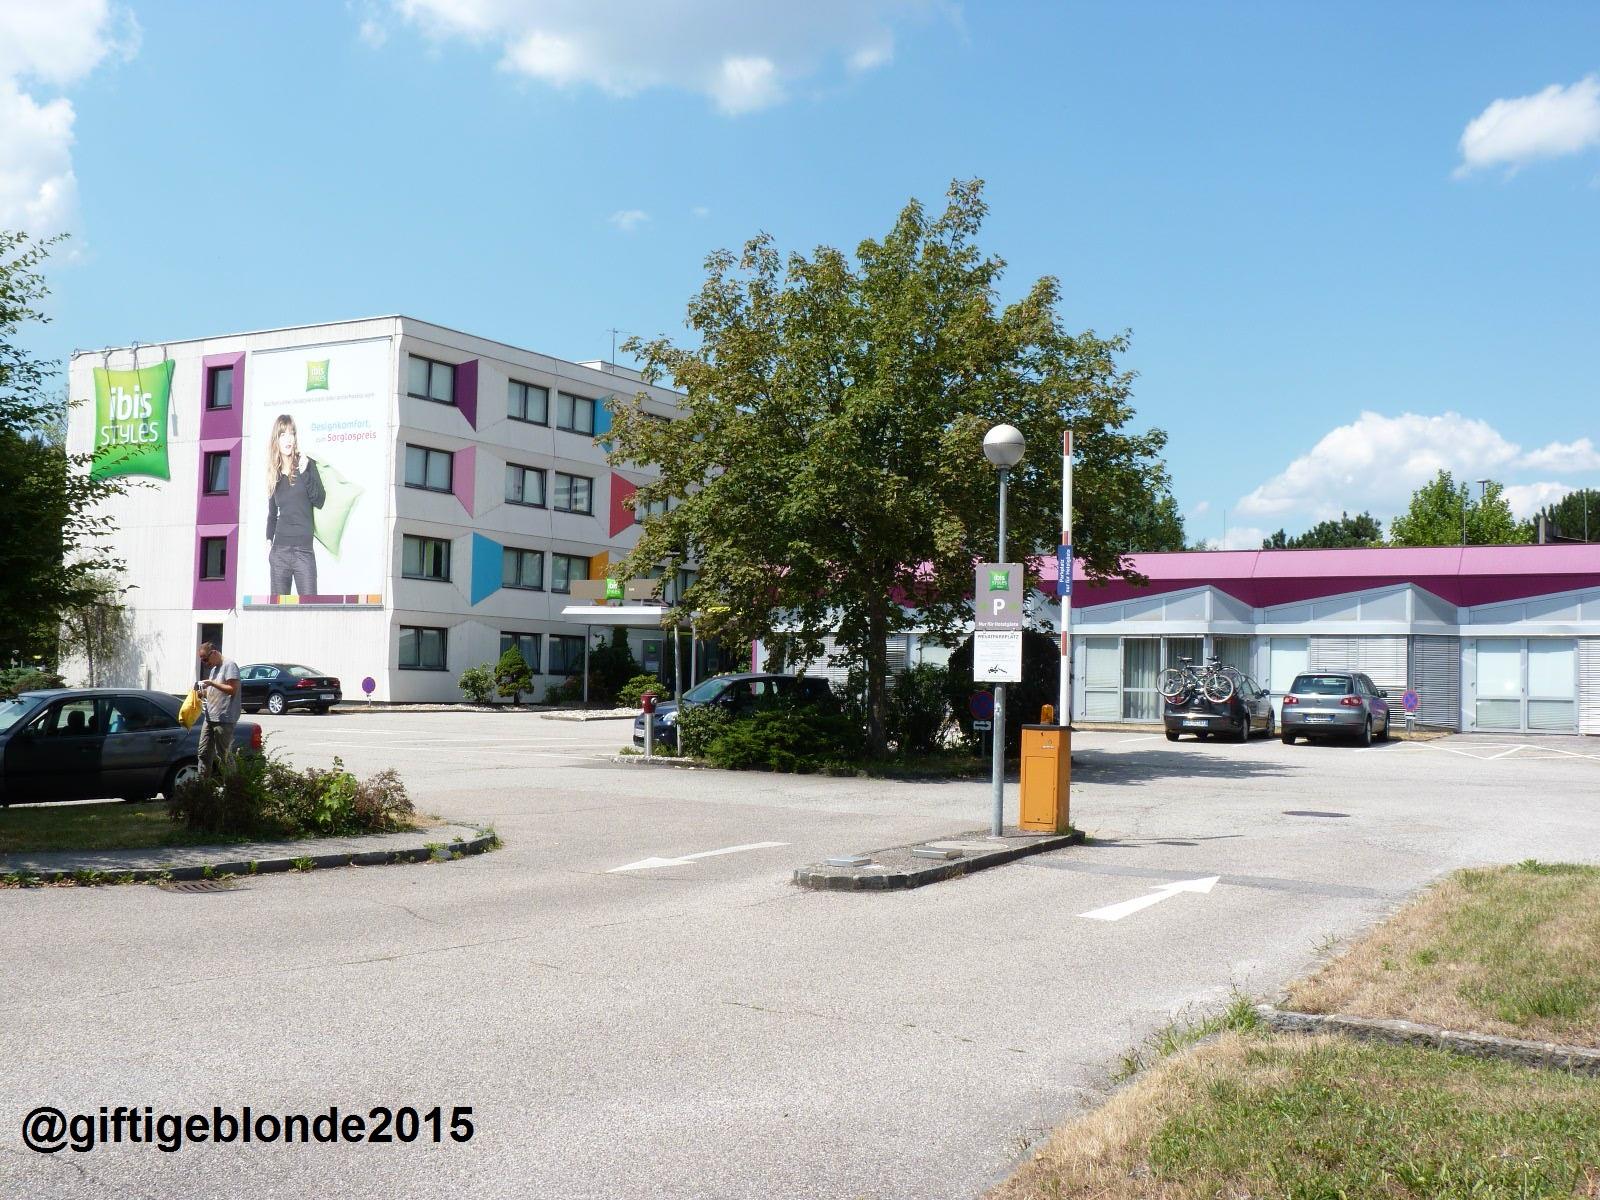 Hotel Ibis Styles Linz mit Parkplatz